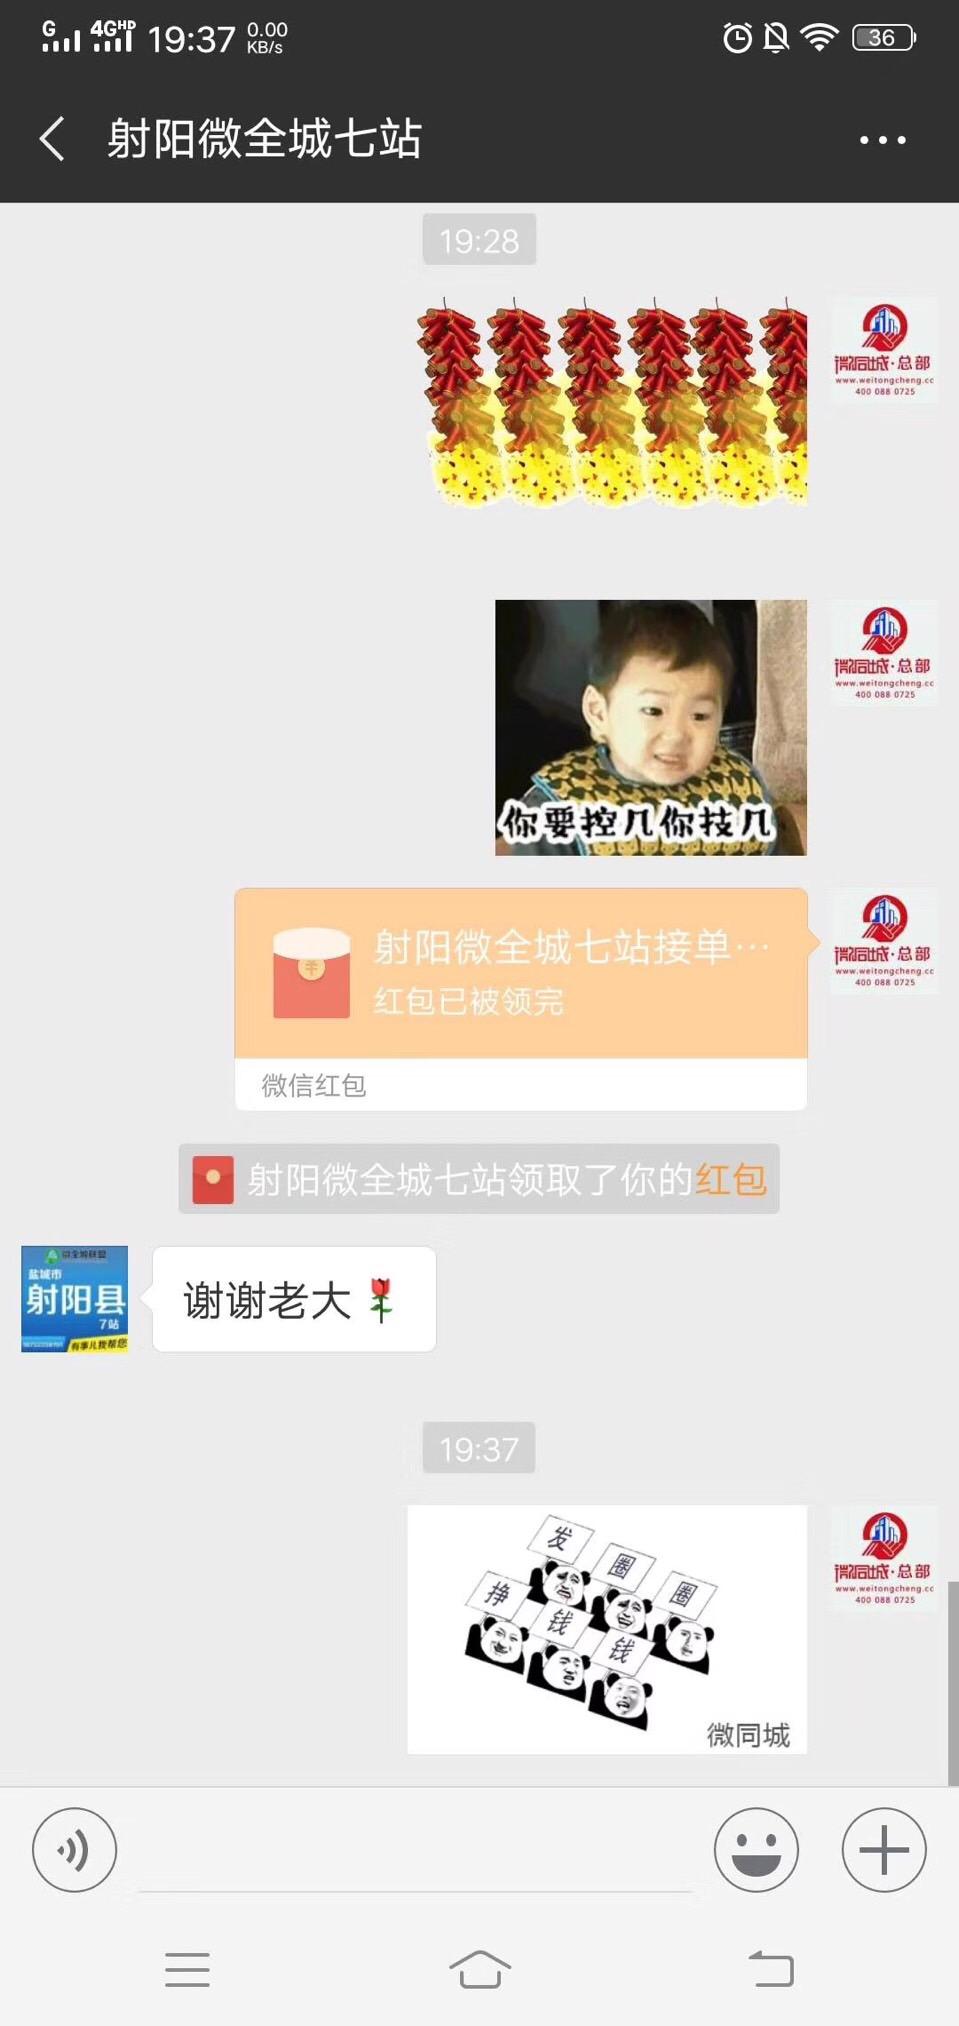 【赚160元】射阳微全城微帮七站广告佣金